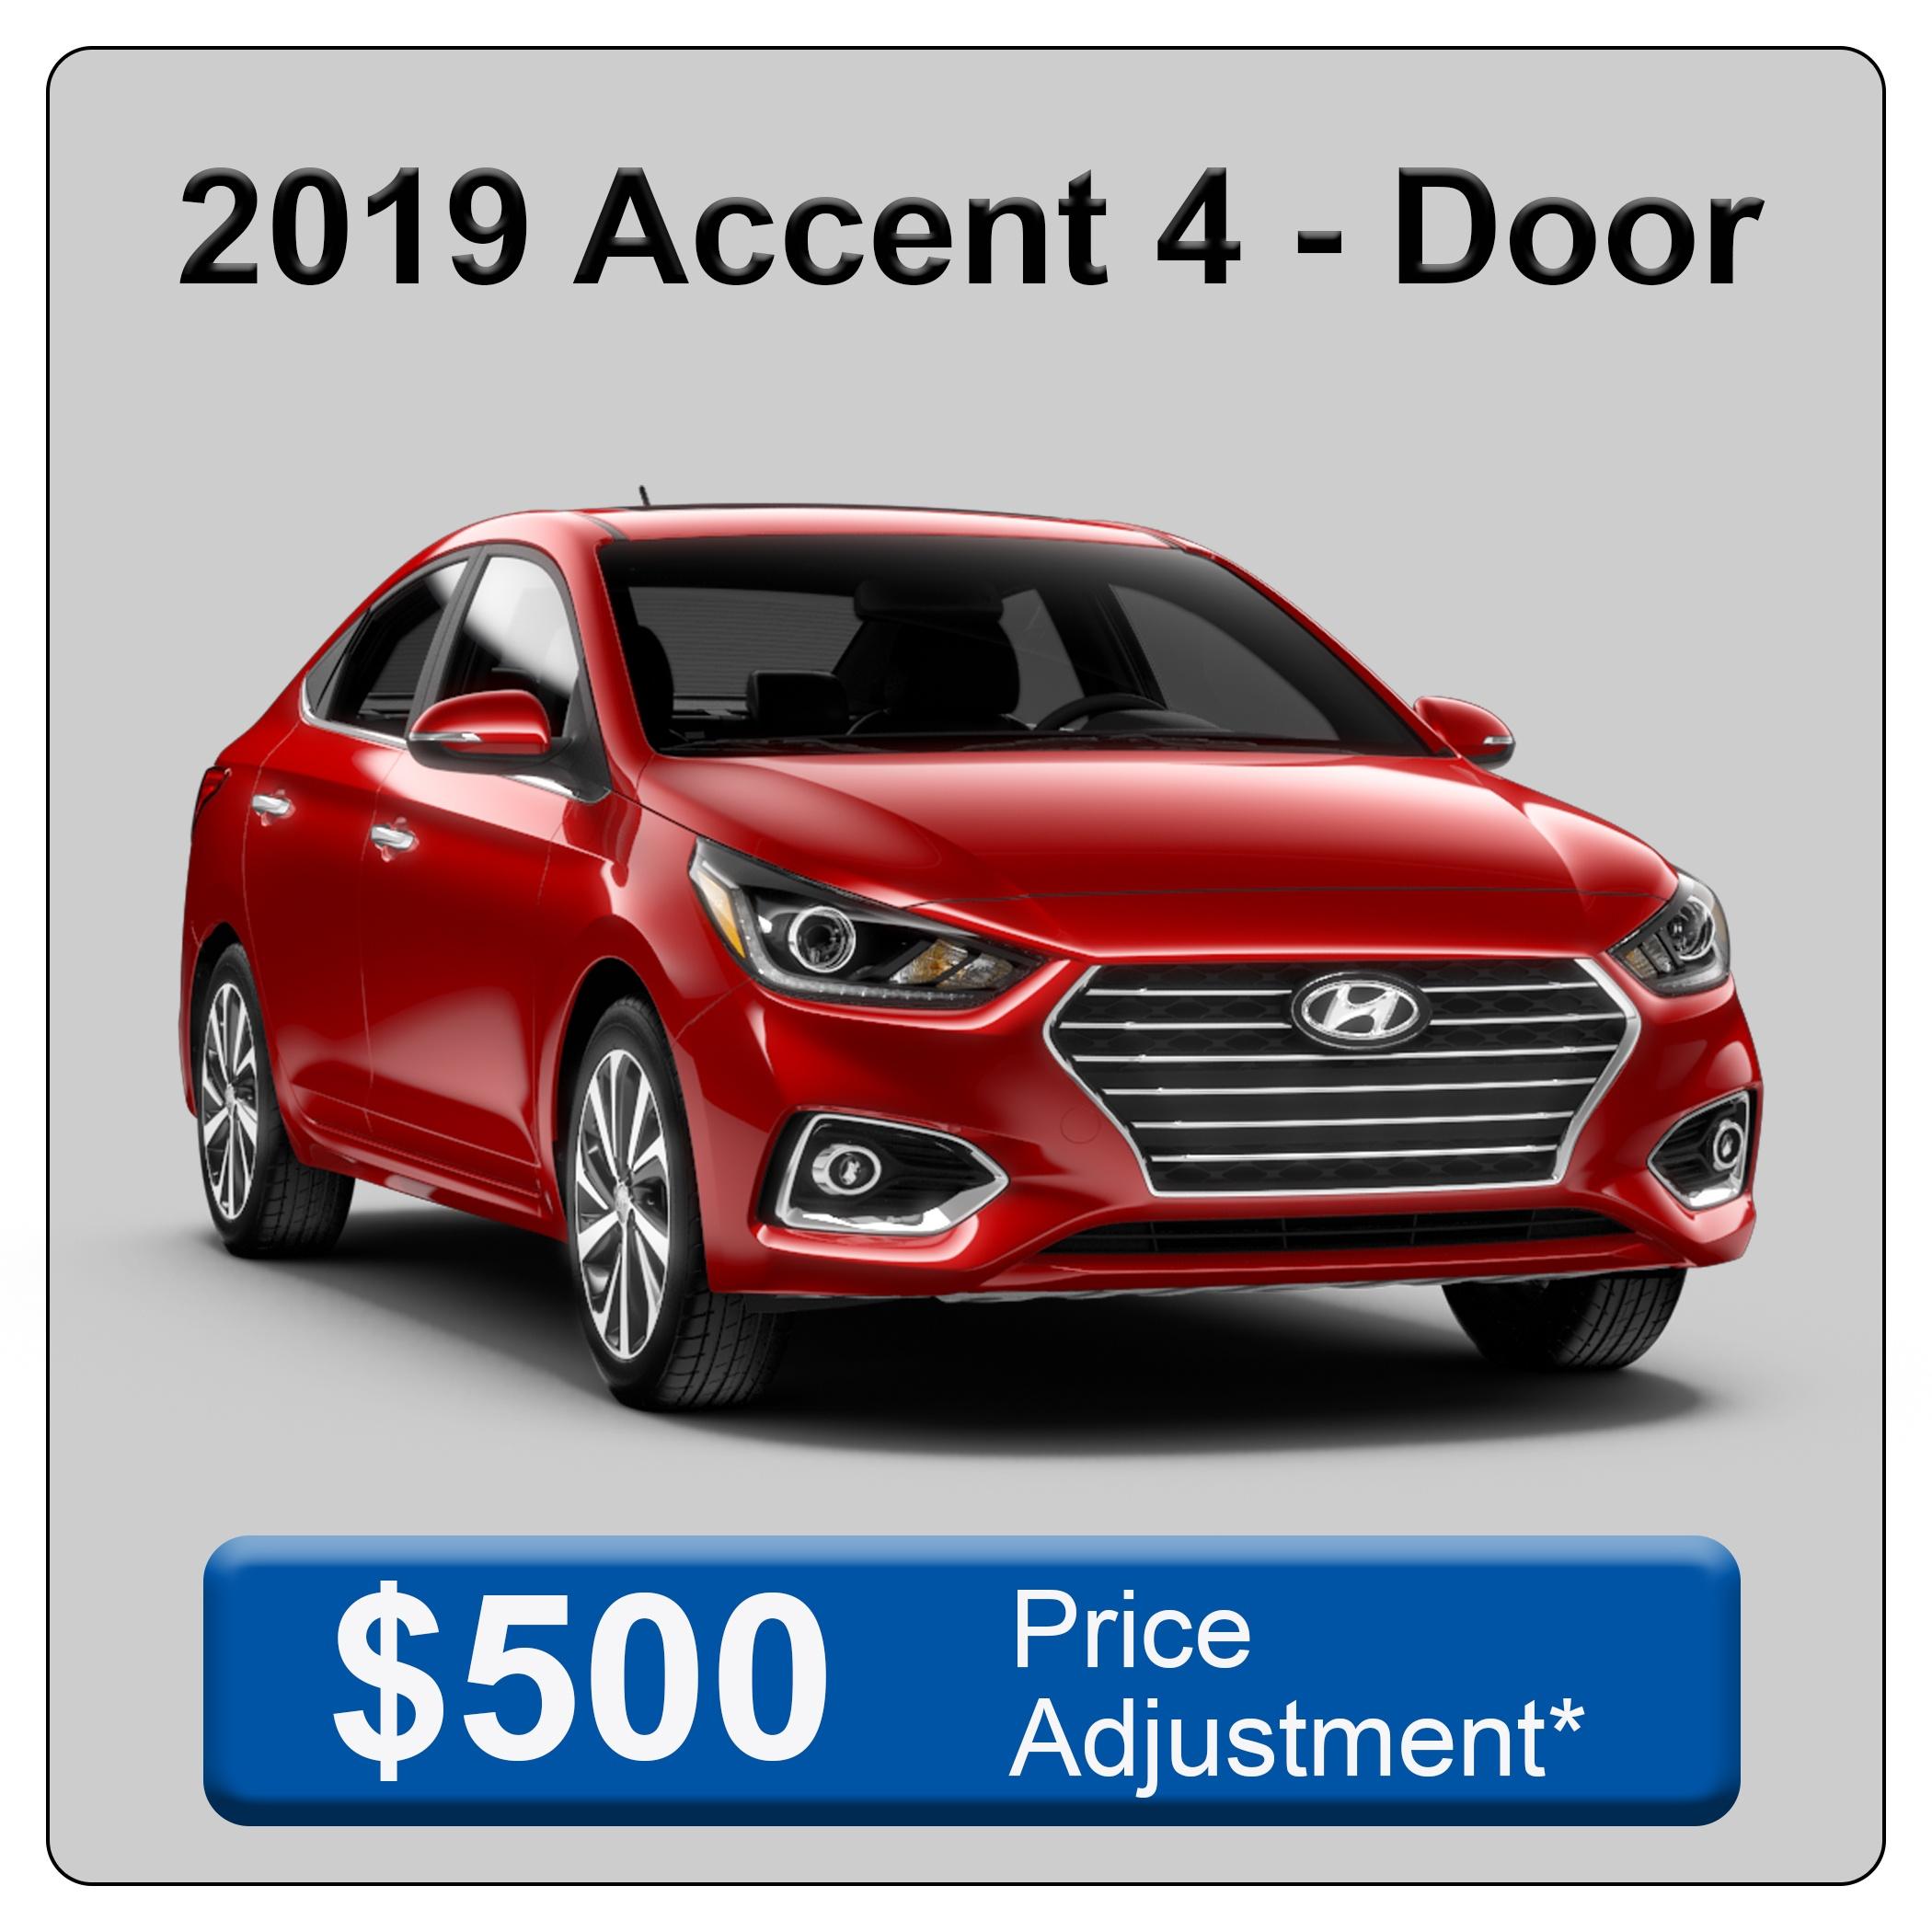 2019 Accent 4 Door